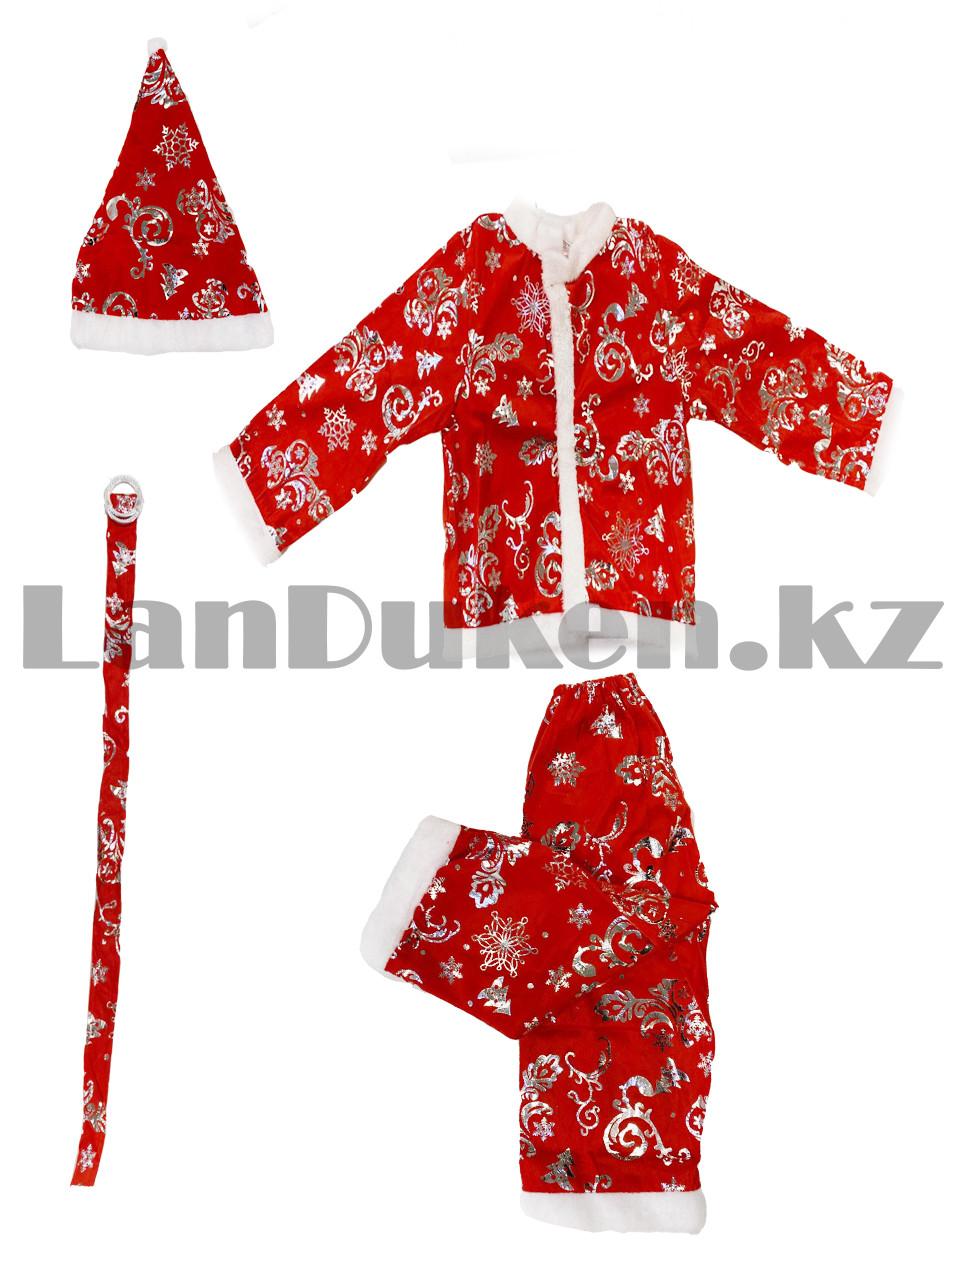 Костюм детский карнавальный раздельный Санты Клауса Santa Claus с узором - фото 2